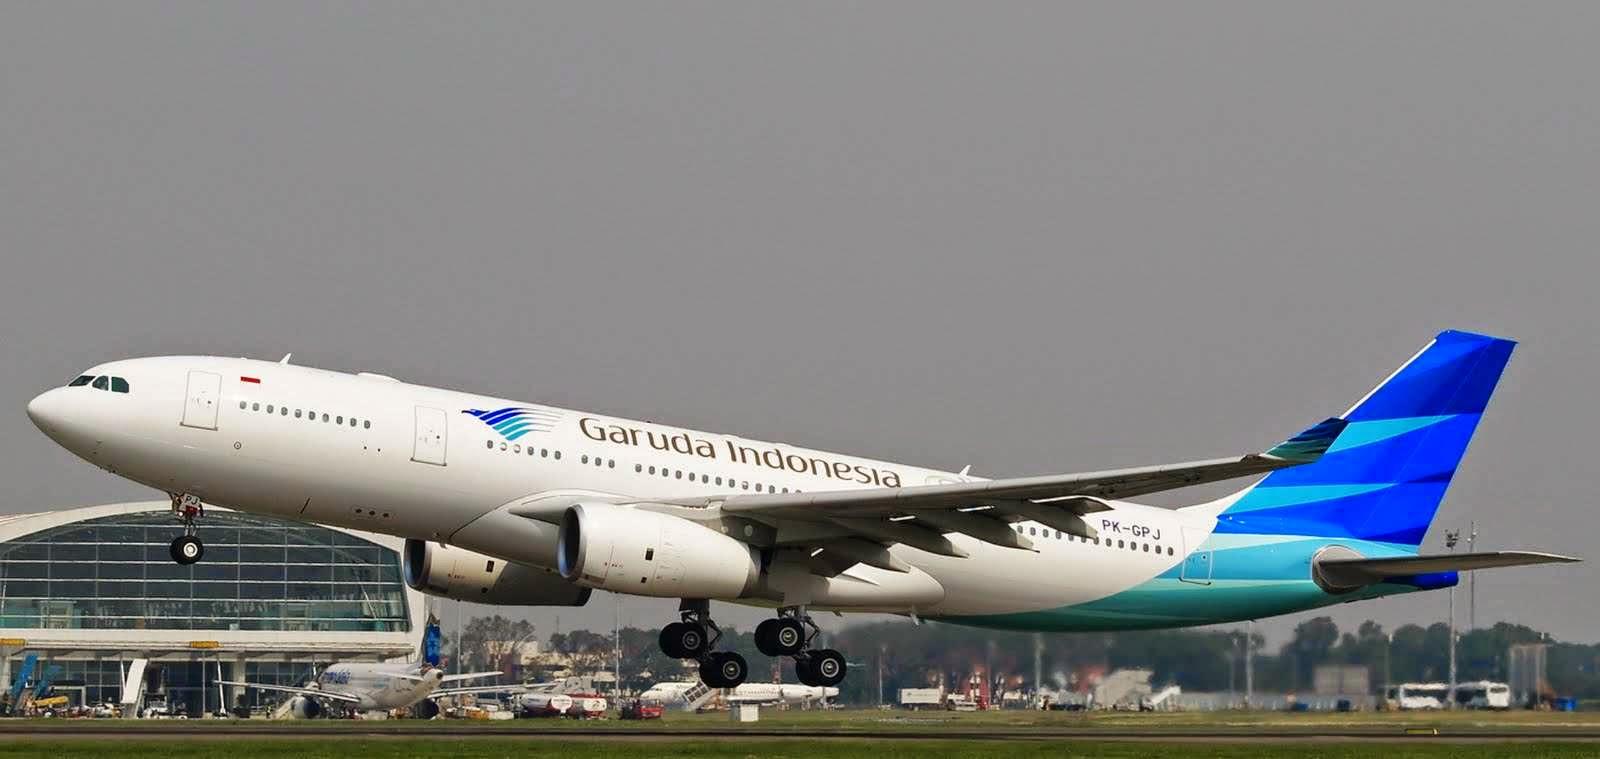 http://4.bp.blogspot.com/-NUdlsIUBED8/U6ld3g6oCFI/AAAAAAAAF8g/Bnj76EAV6Mg/s1600/maskapai+penerbangan+terbaik+-+cepatlambat.jpg